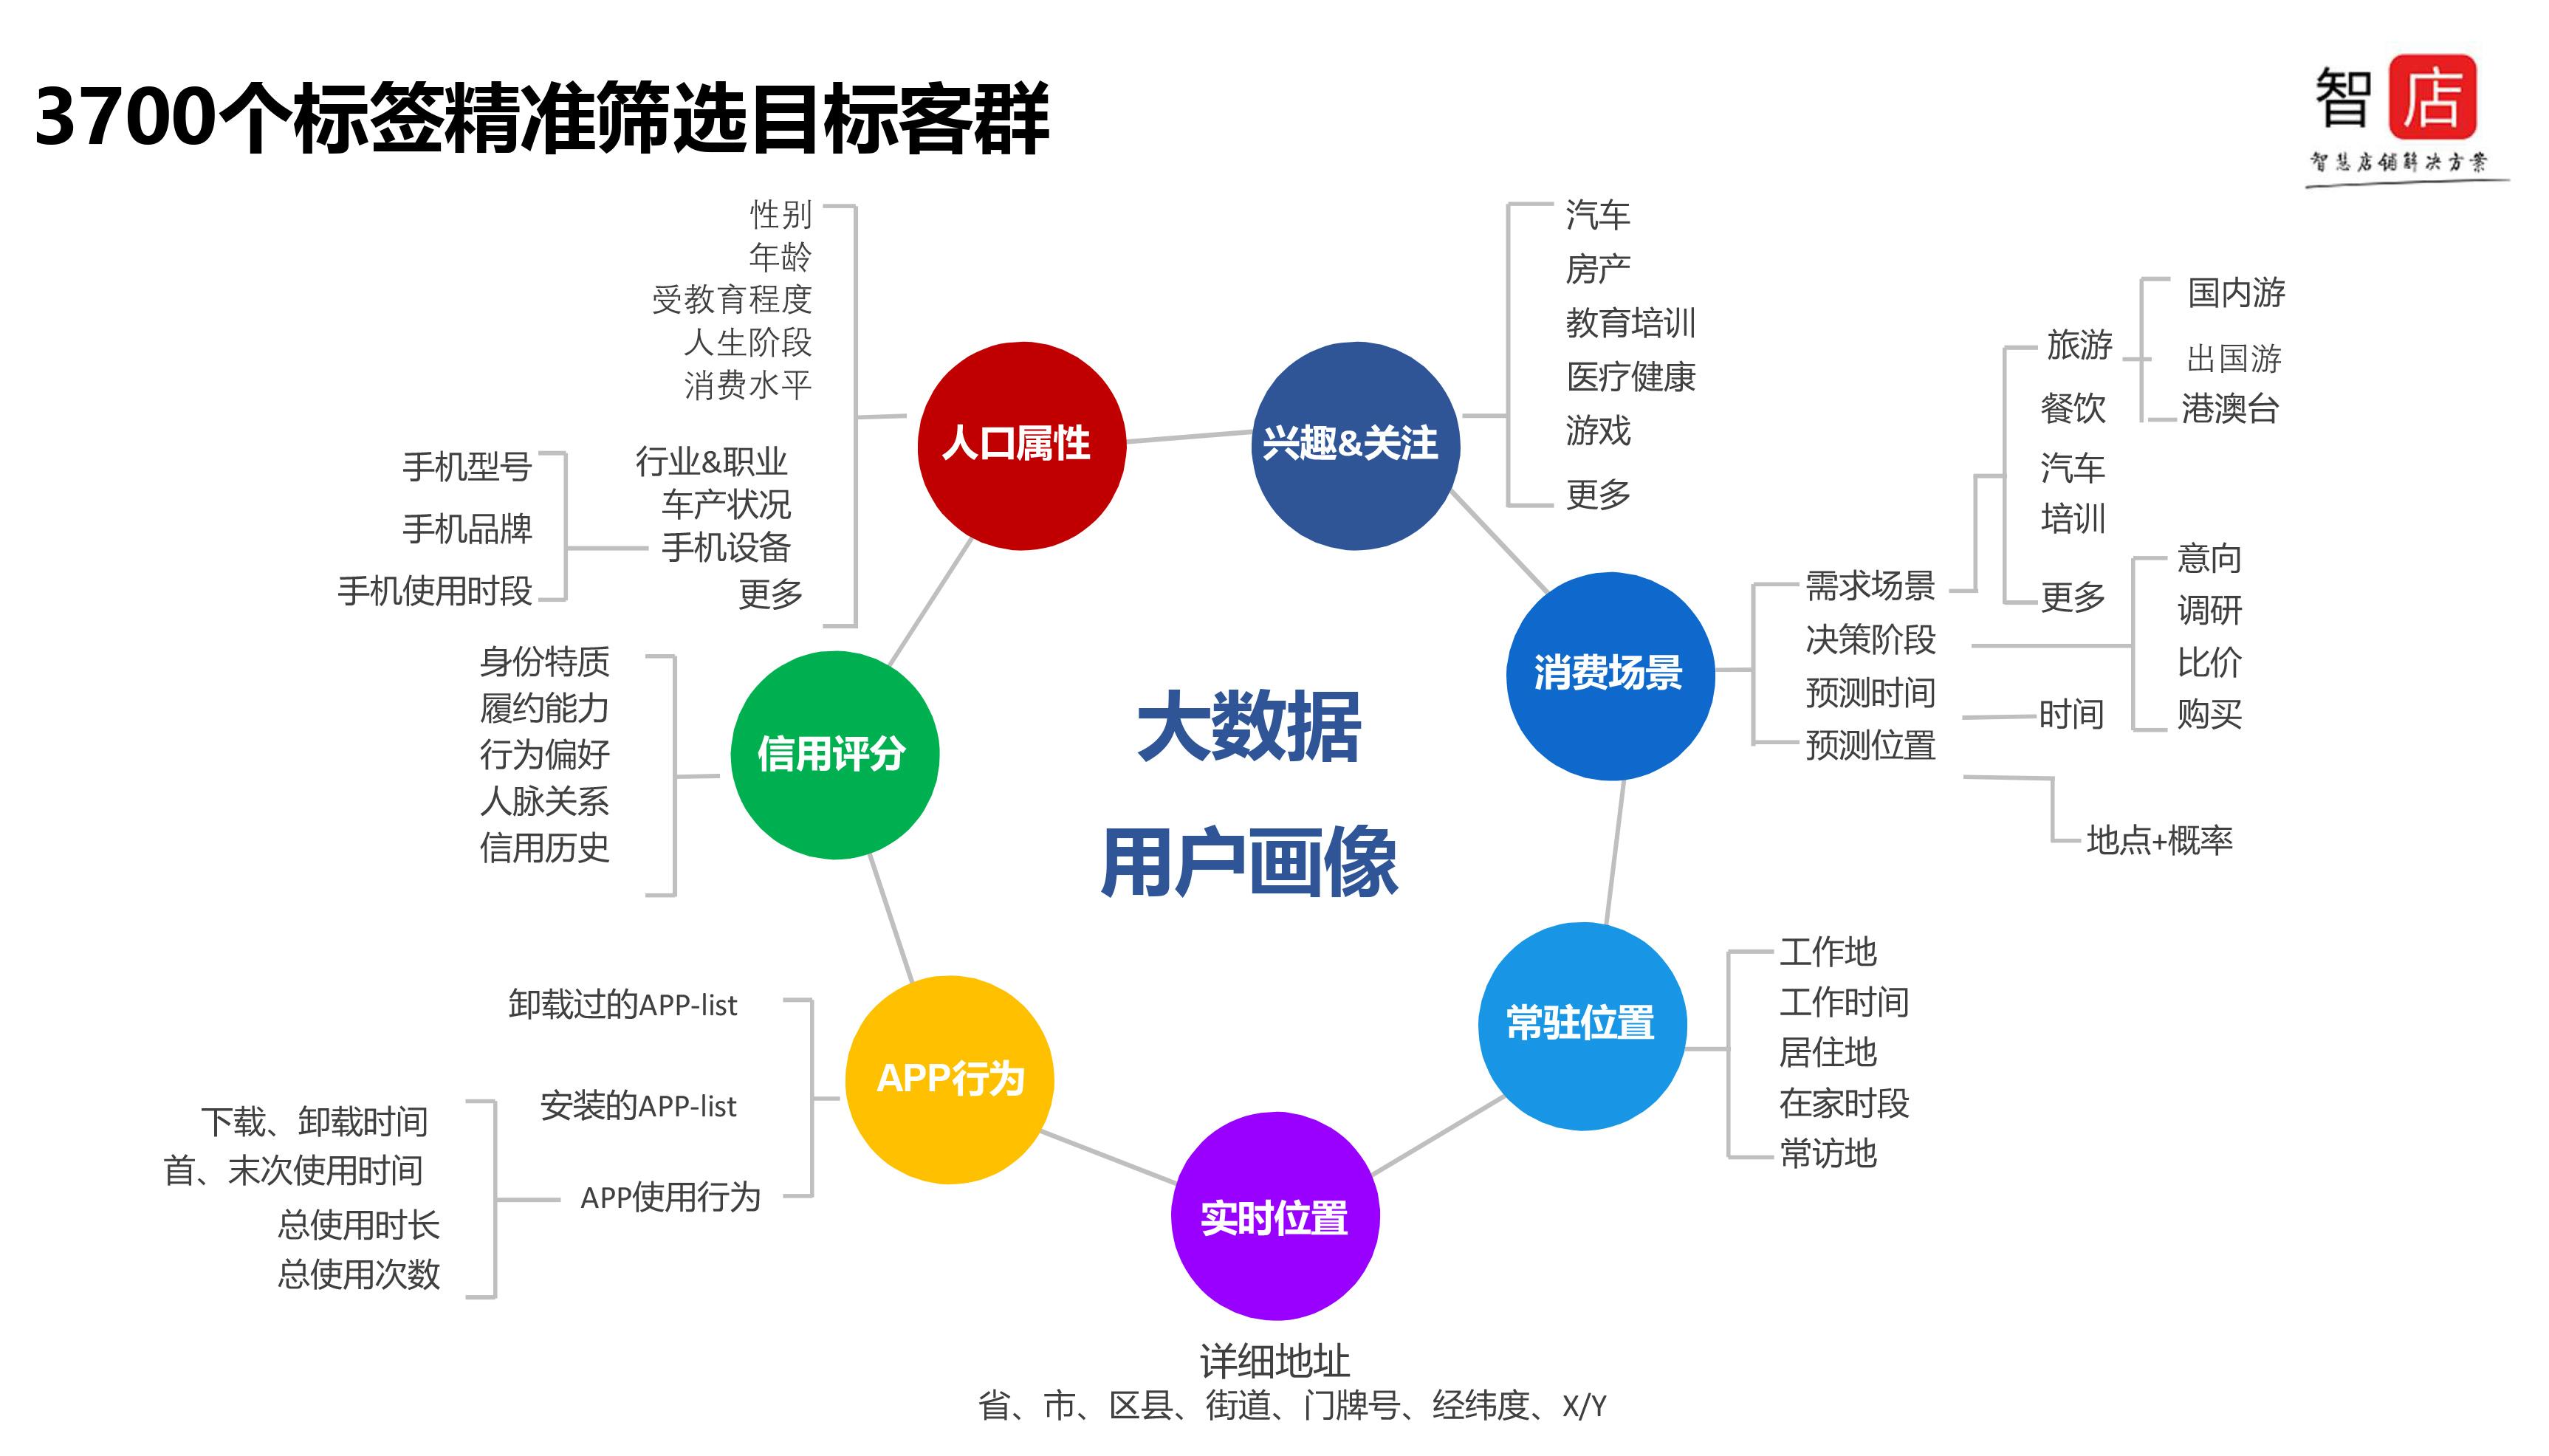 http://www.reviewcode.cn/bianchengyuyan/92327.html